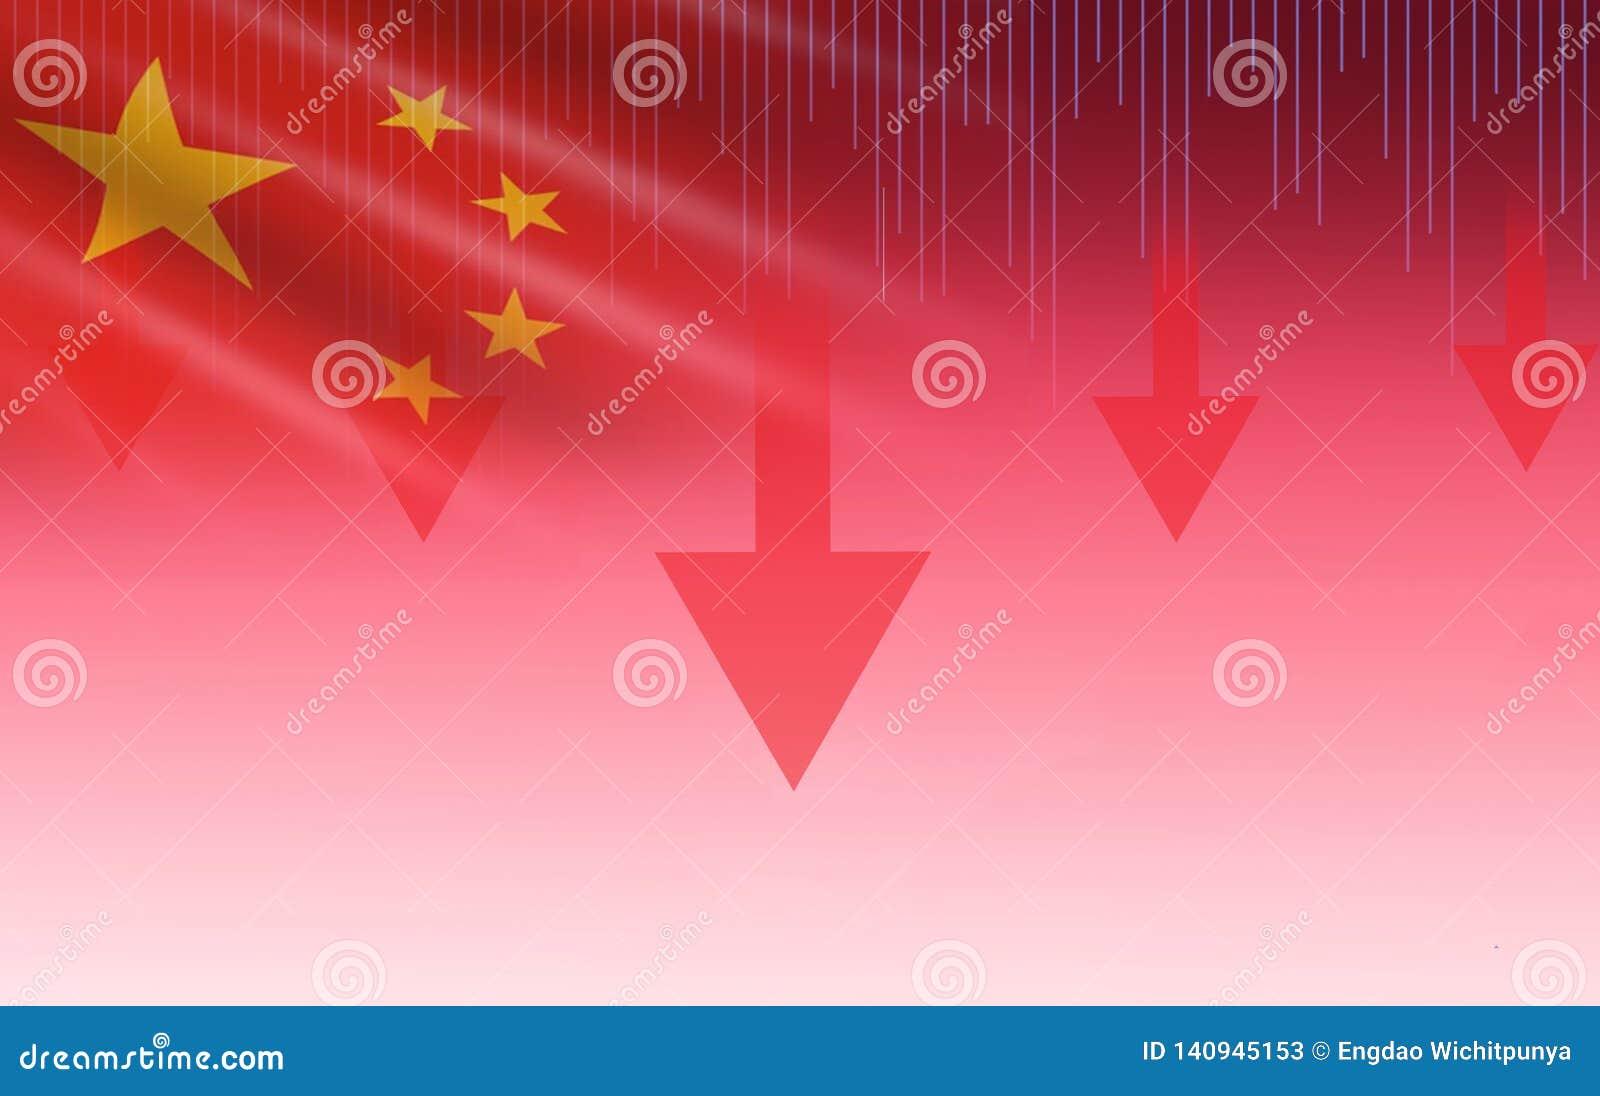 Стрелка цены кризиса фондовой биржи Китая Шанхая красная вниз с падения диаграммы